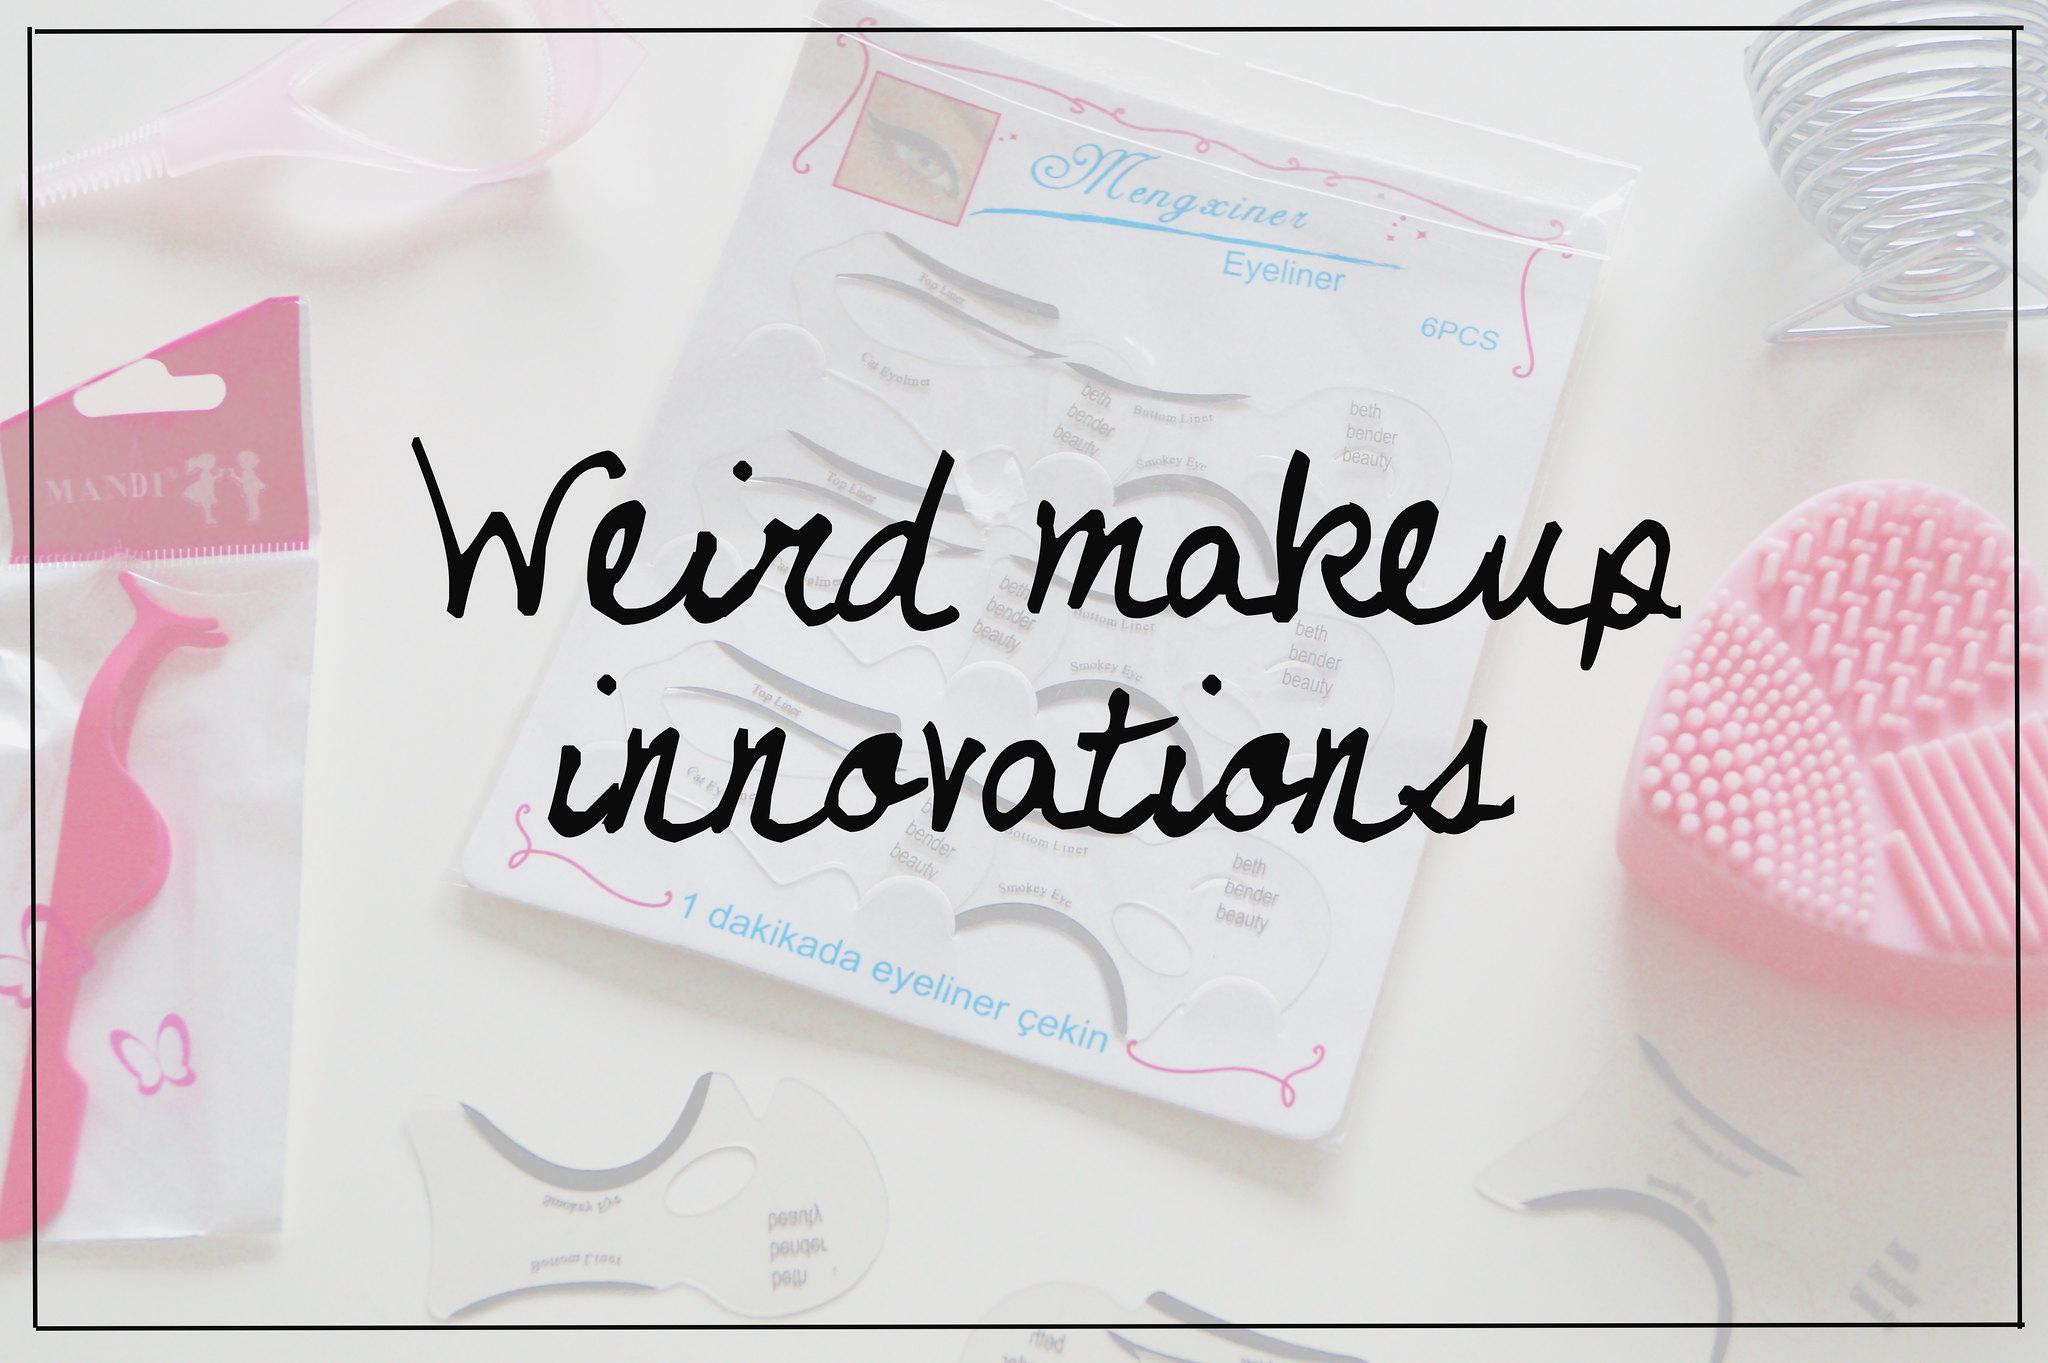 Weird makeup innovations x5